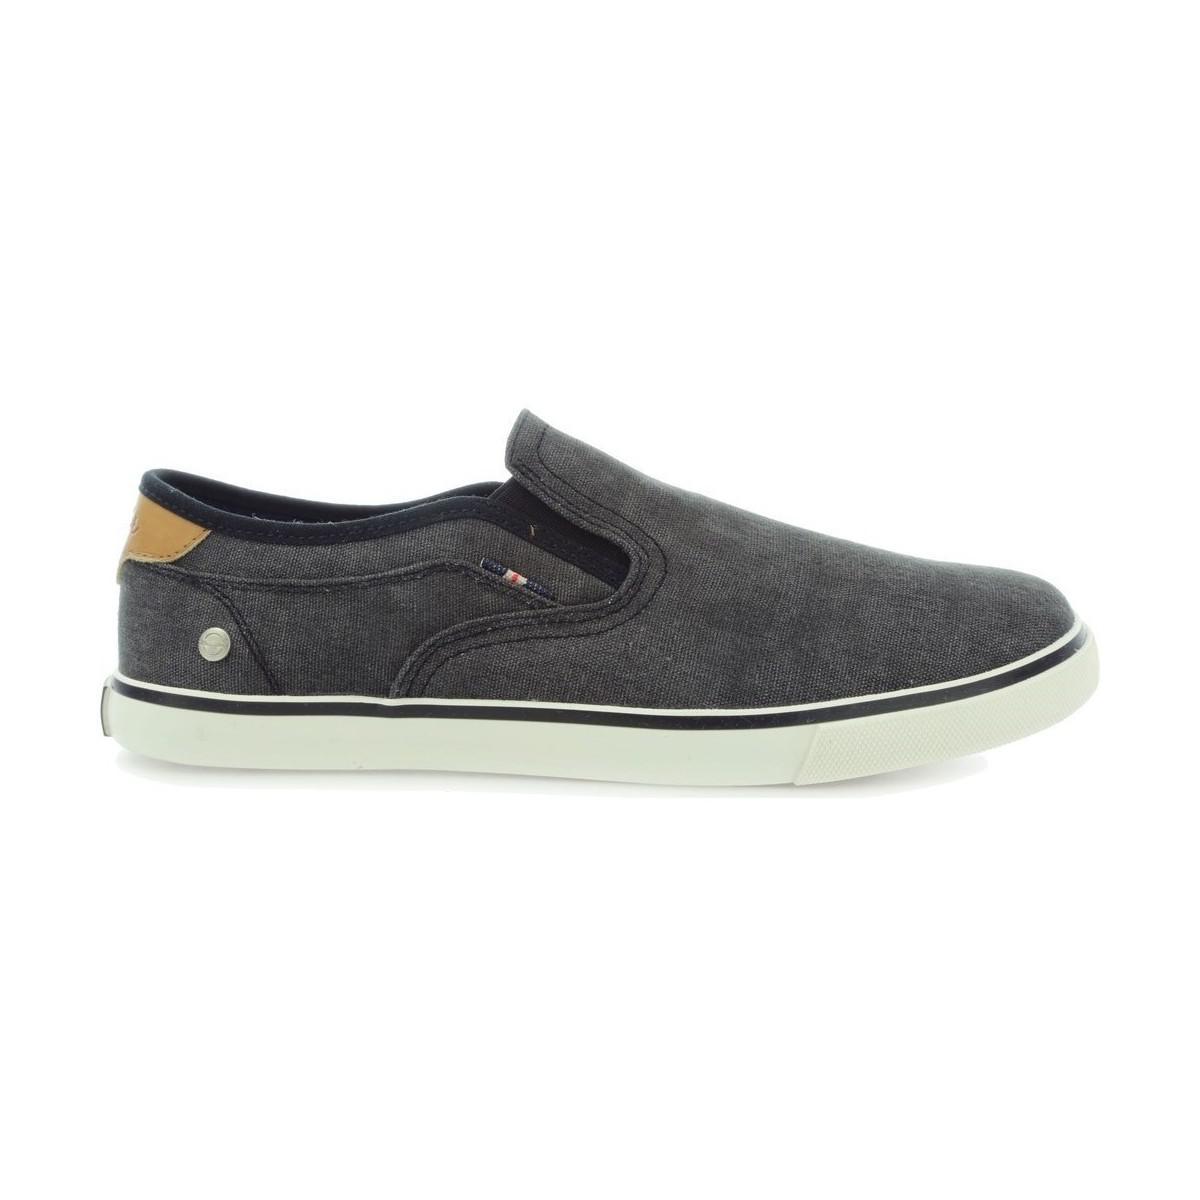 Sneakers Wrangler Legend Slip On Wm171011 JR3InVM